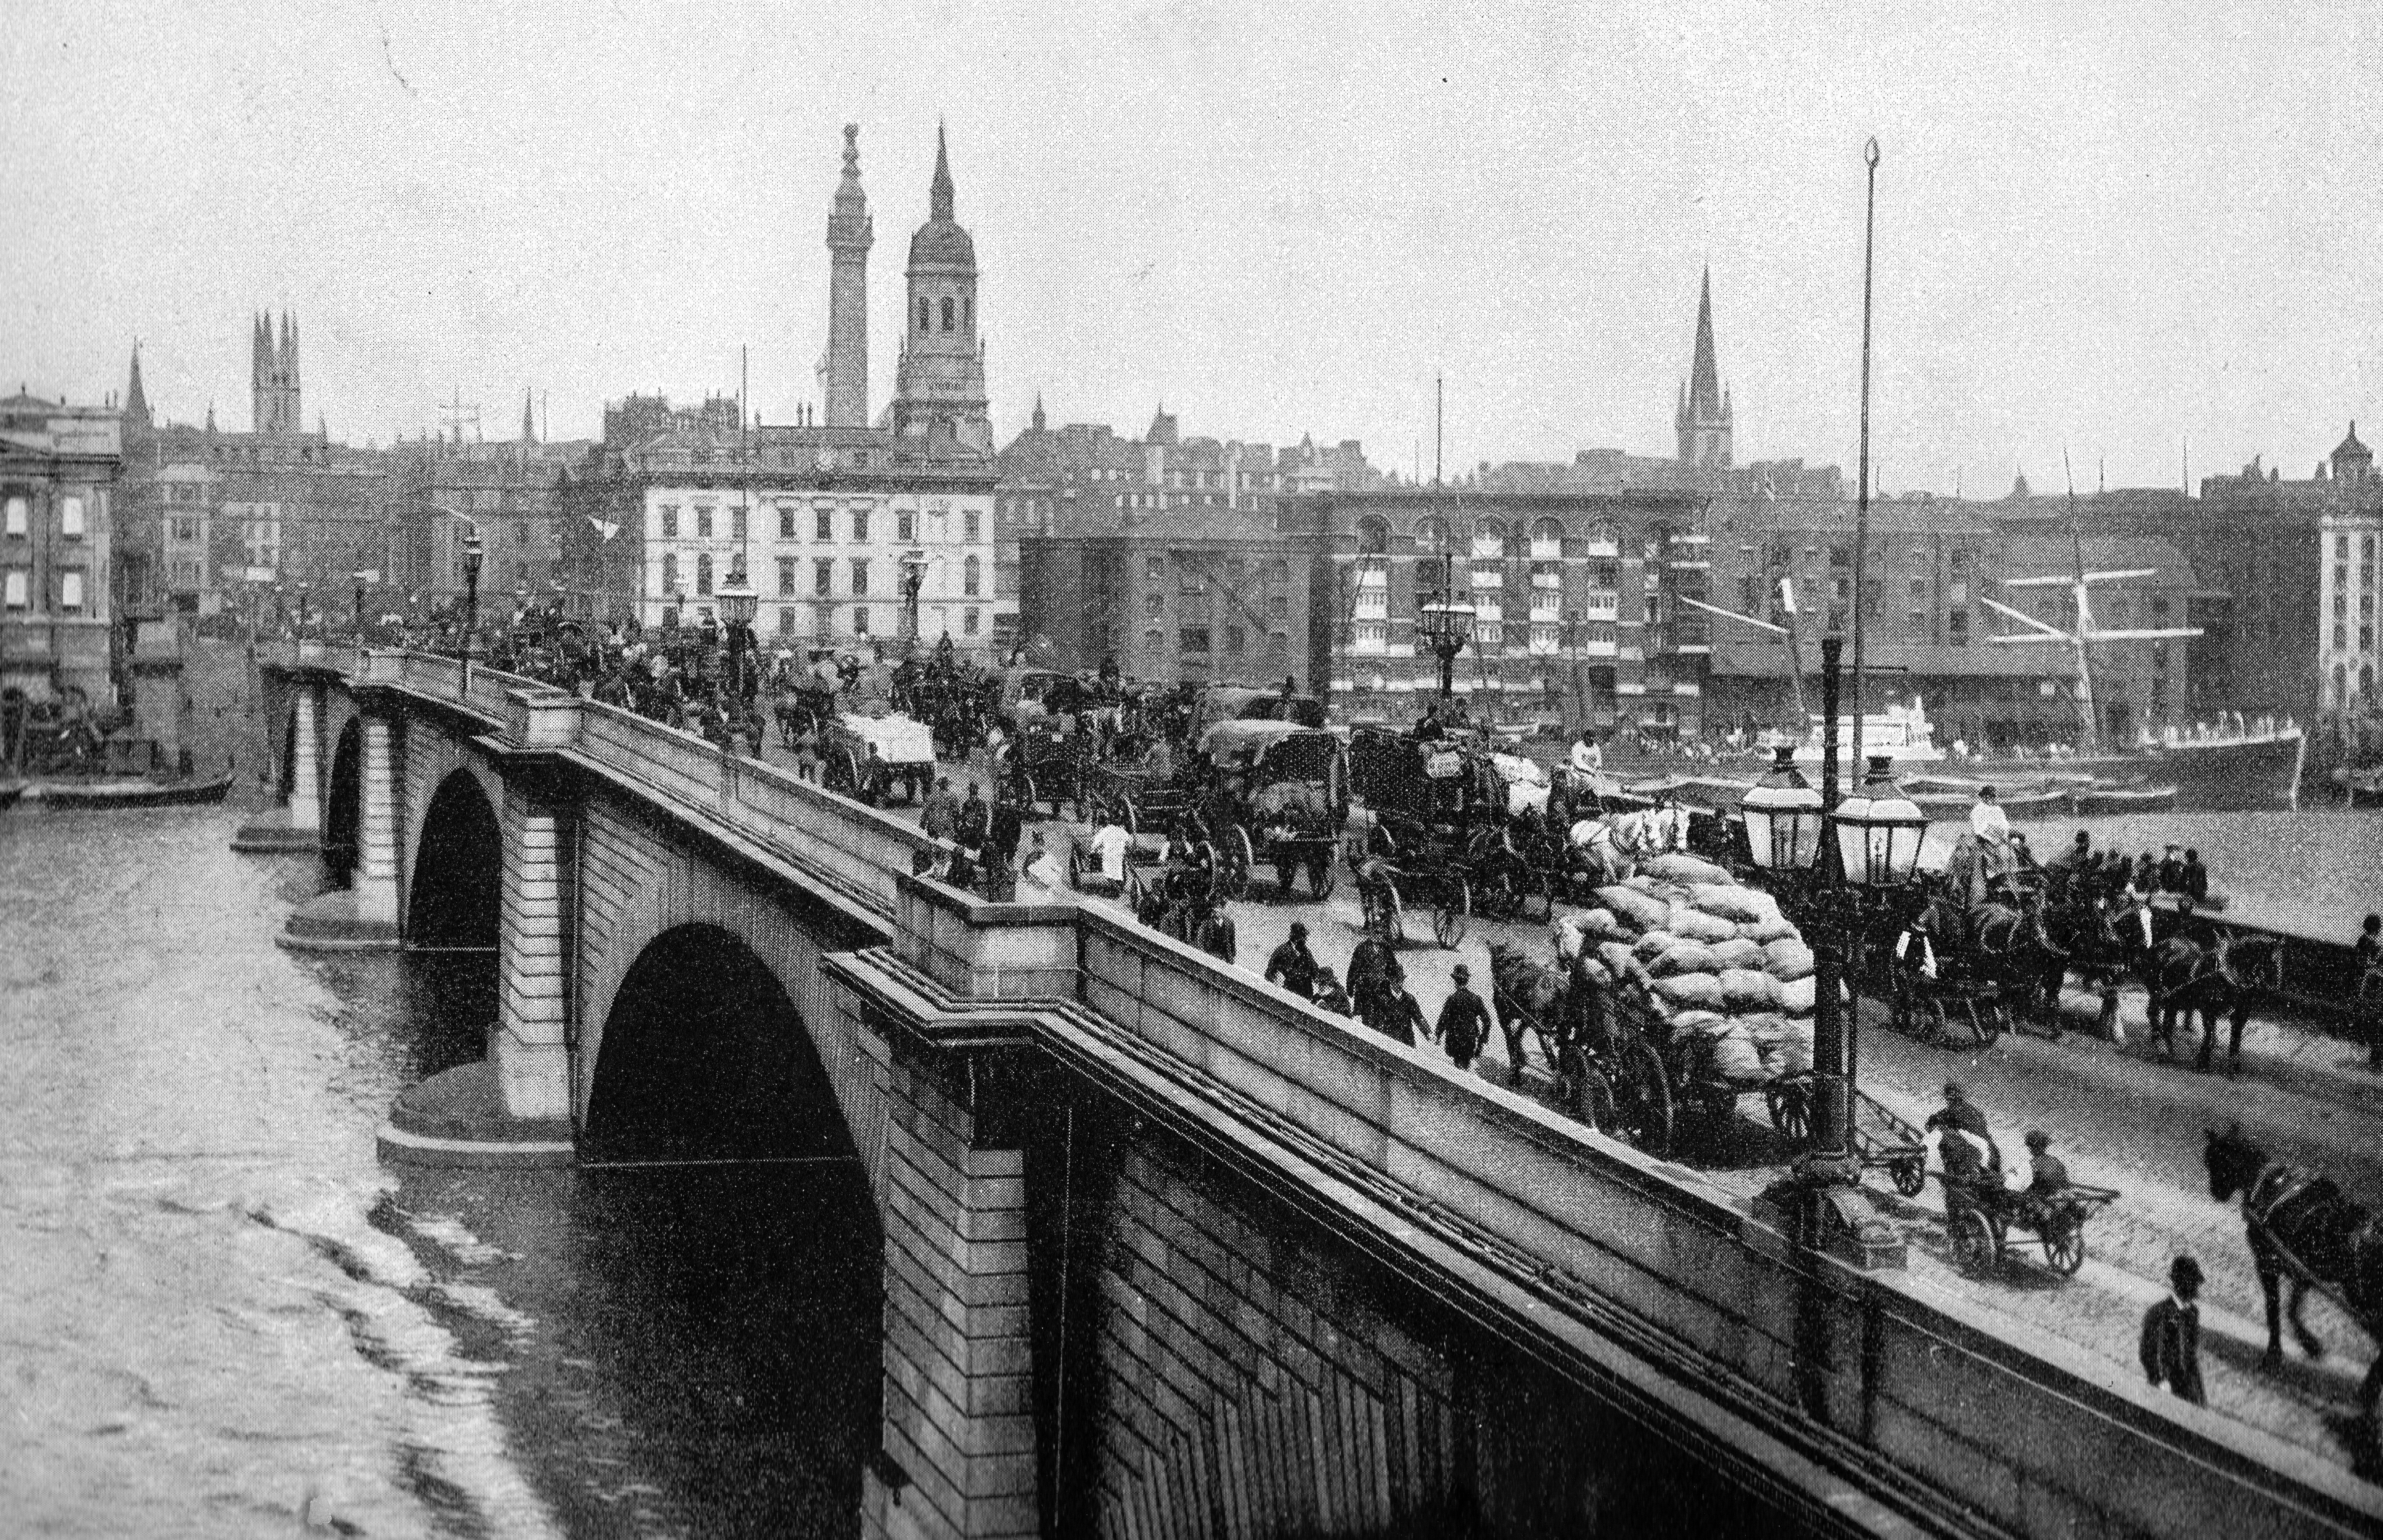 London Bridge in 1900